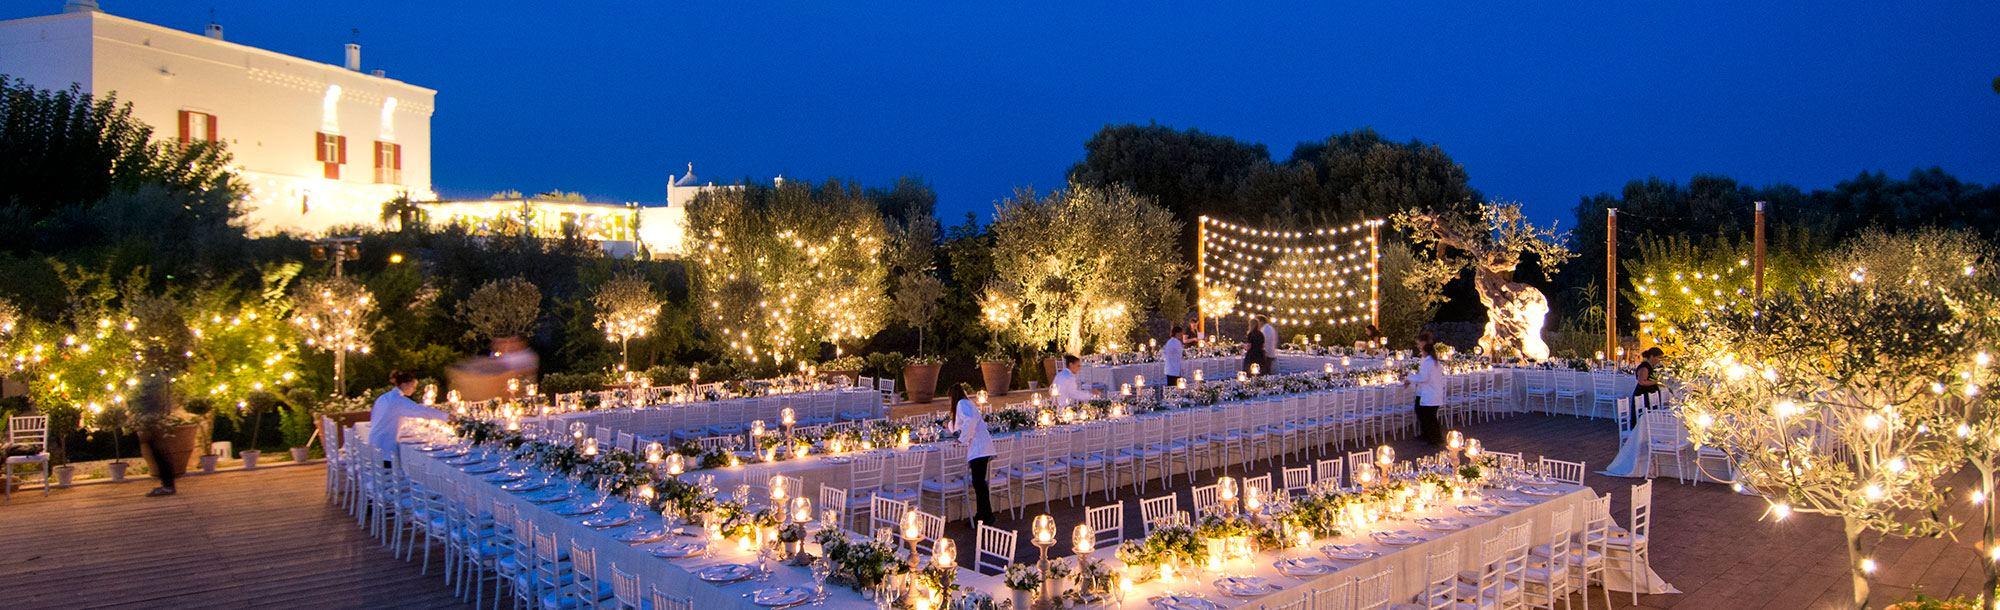 Il servizio esclusivo per il noleggio di attrezzature da catering e allestimenti per matrimoni a Napoli